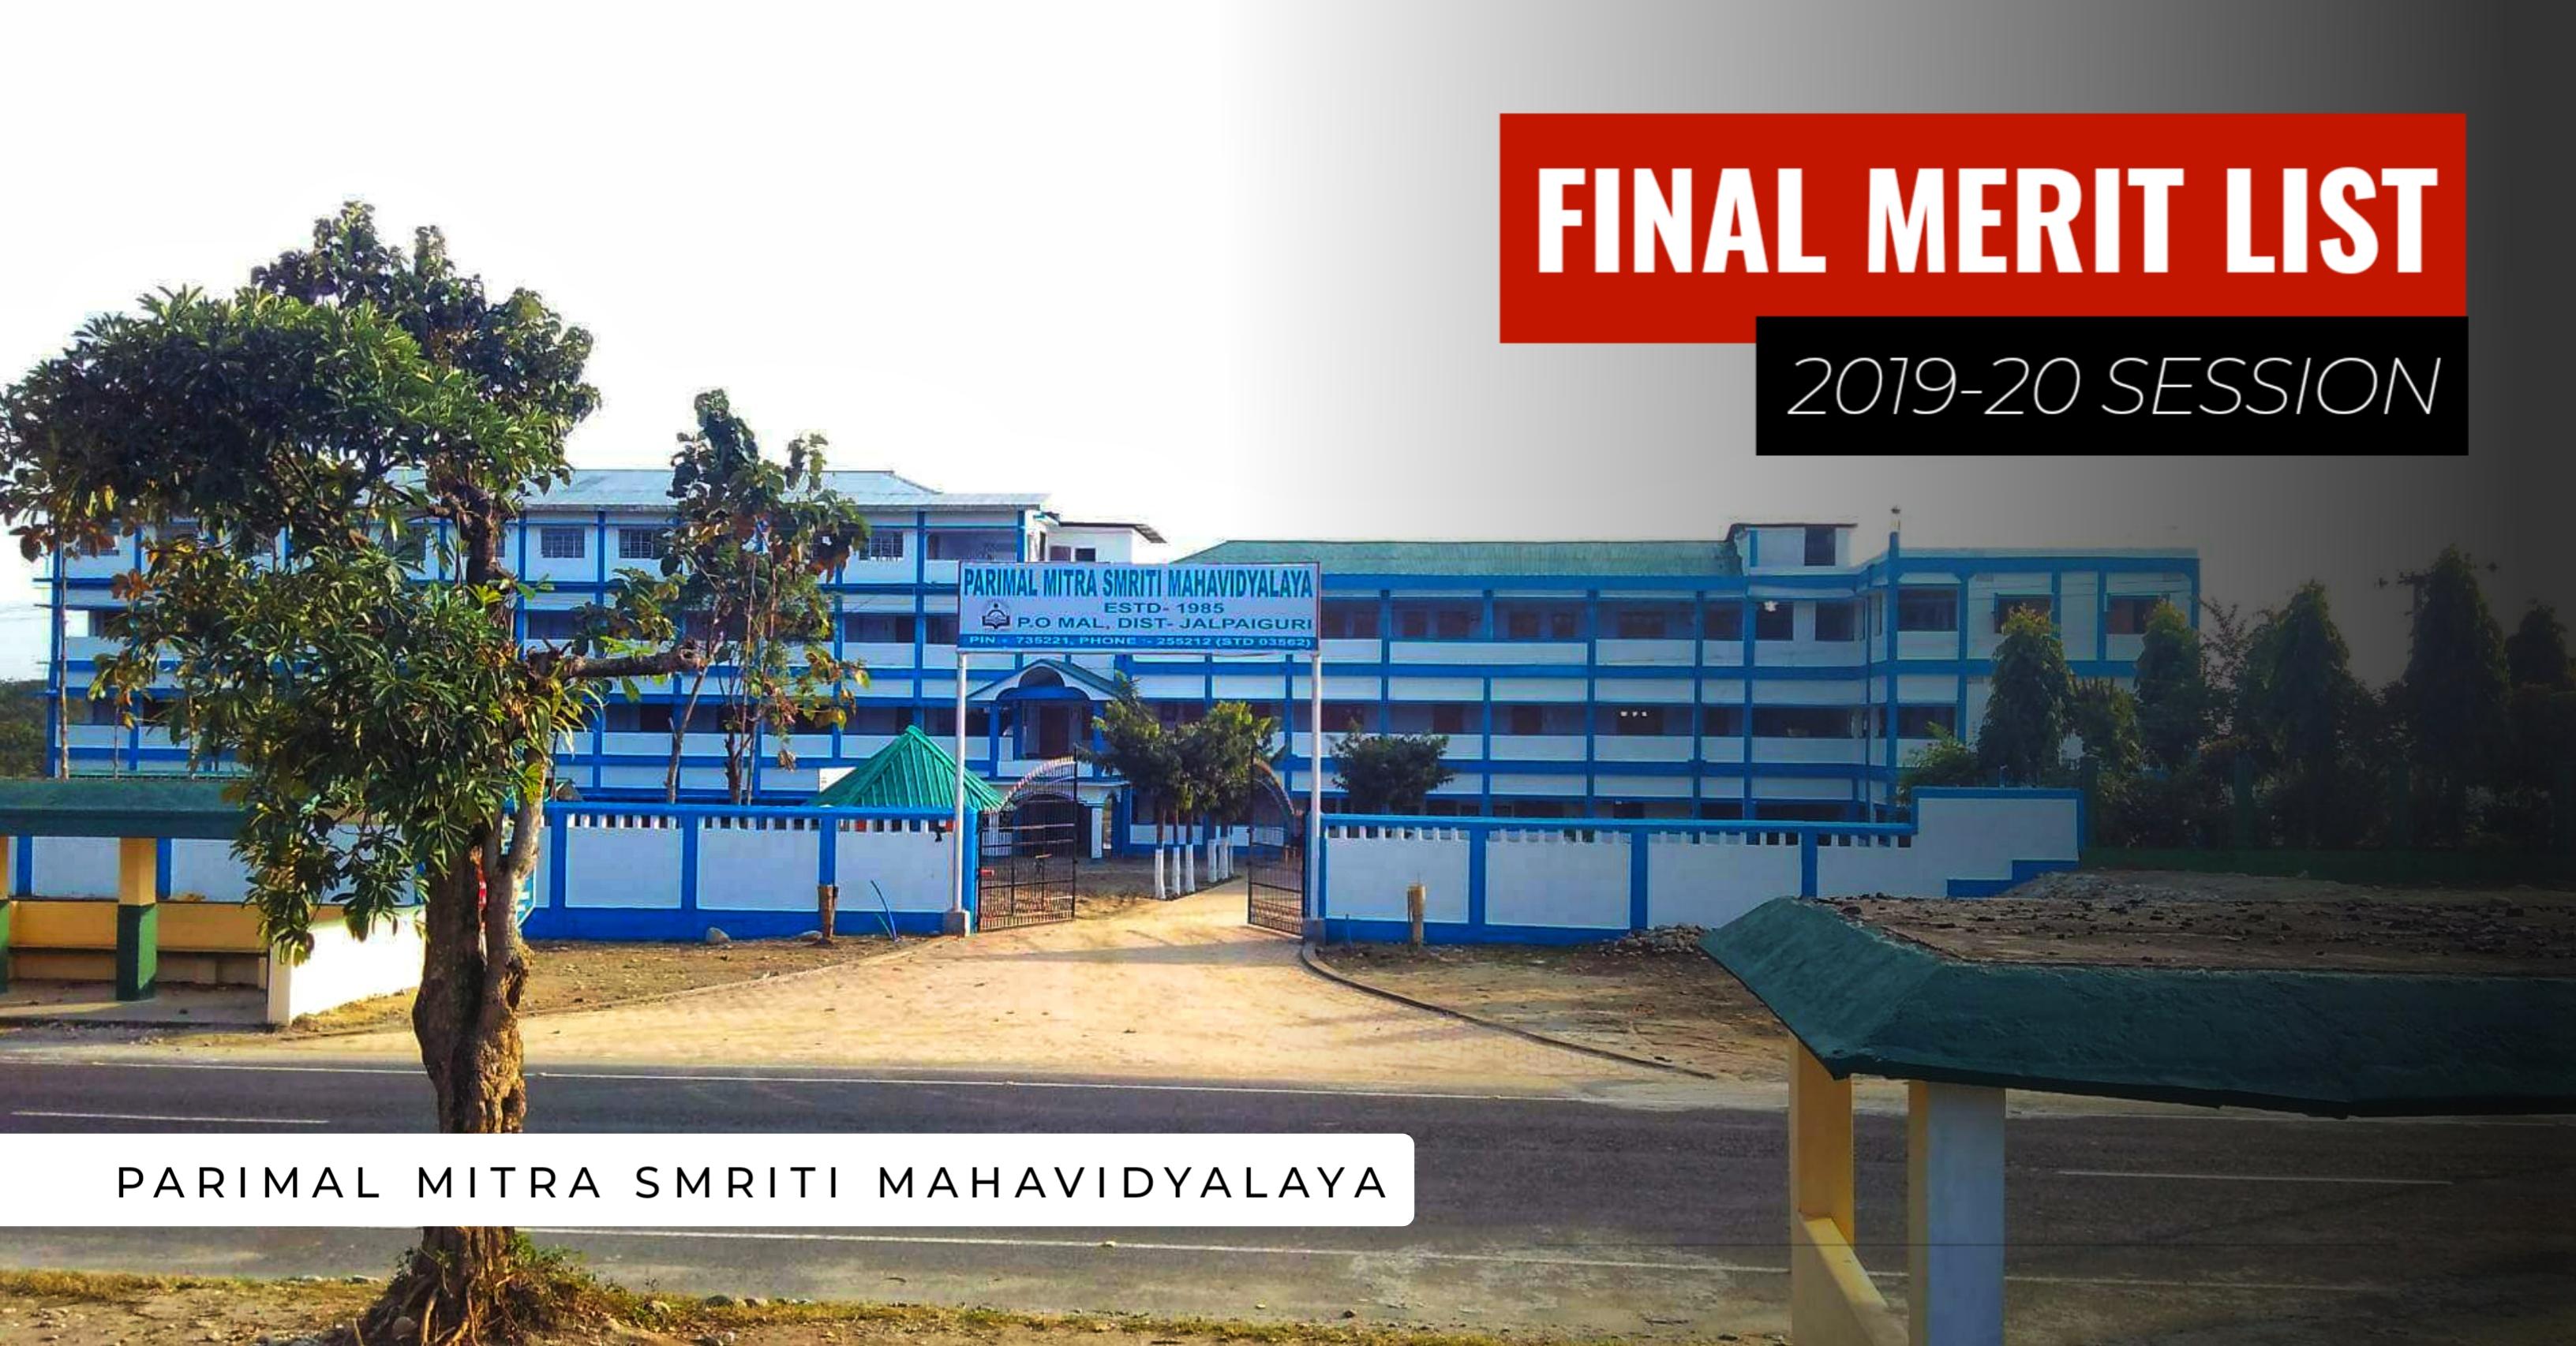 Final Merit List 2019 - PMS Mahavidyalaya Mal